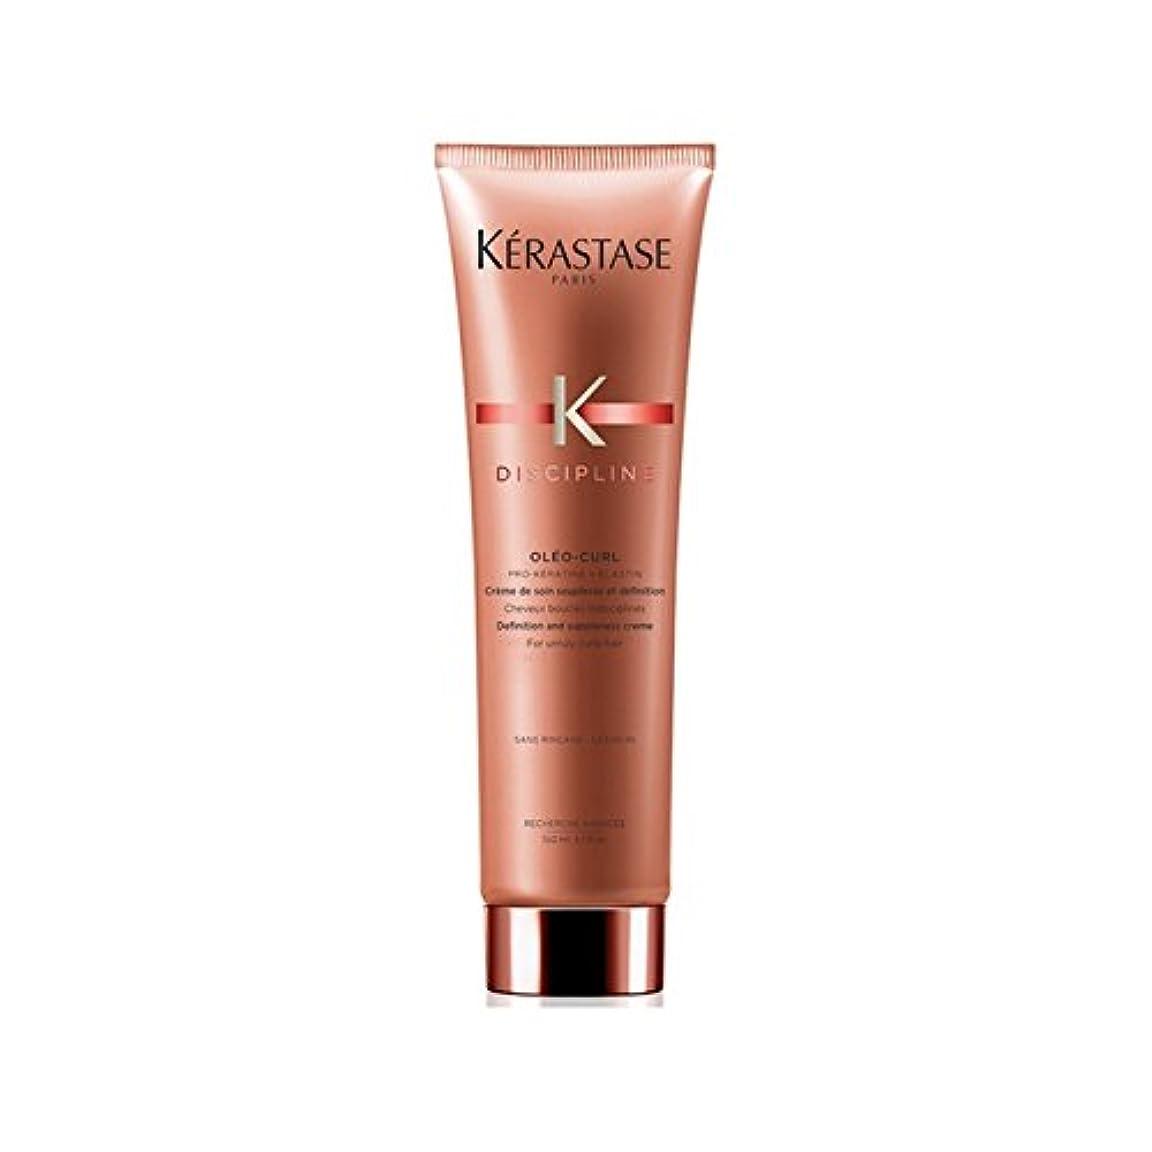 上向き迷路エリート理想的なクレンジングコンディショナー400ミリリットルカールケラスターゼの規律 x2 - K?rastase Discipline Curl Ideal Cleansing Conditioner 400ml (Pack...